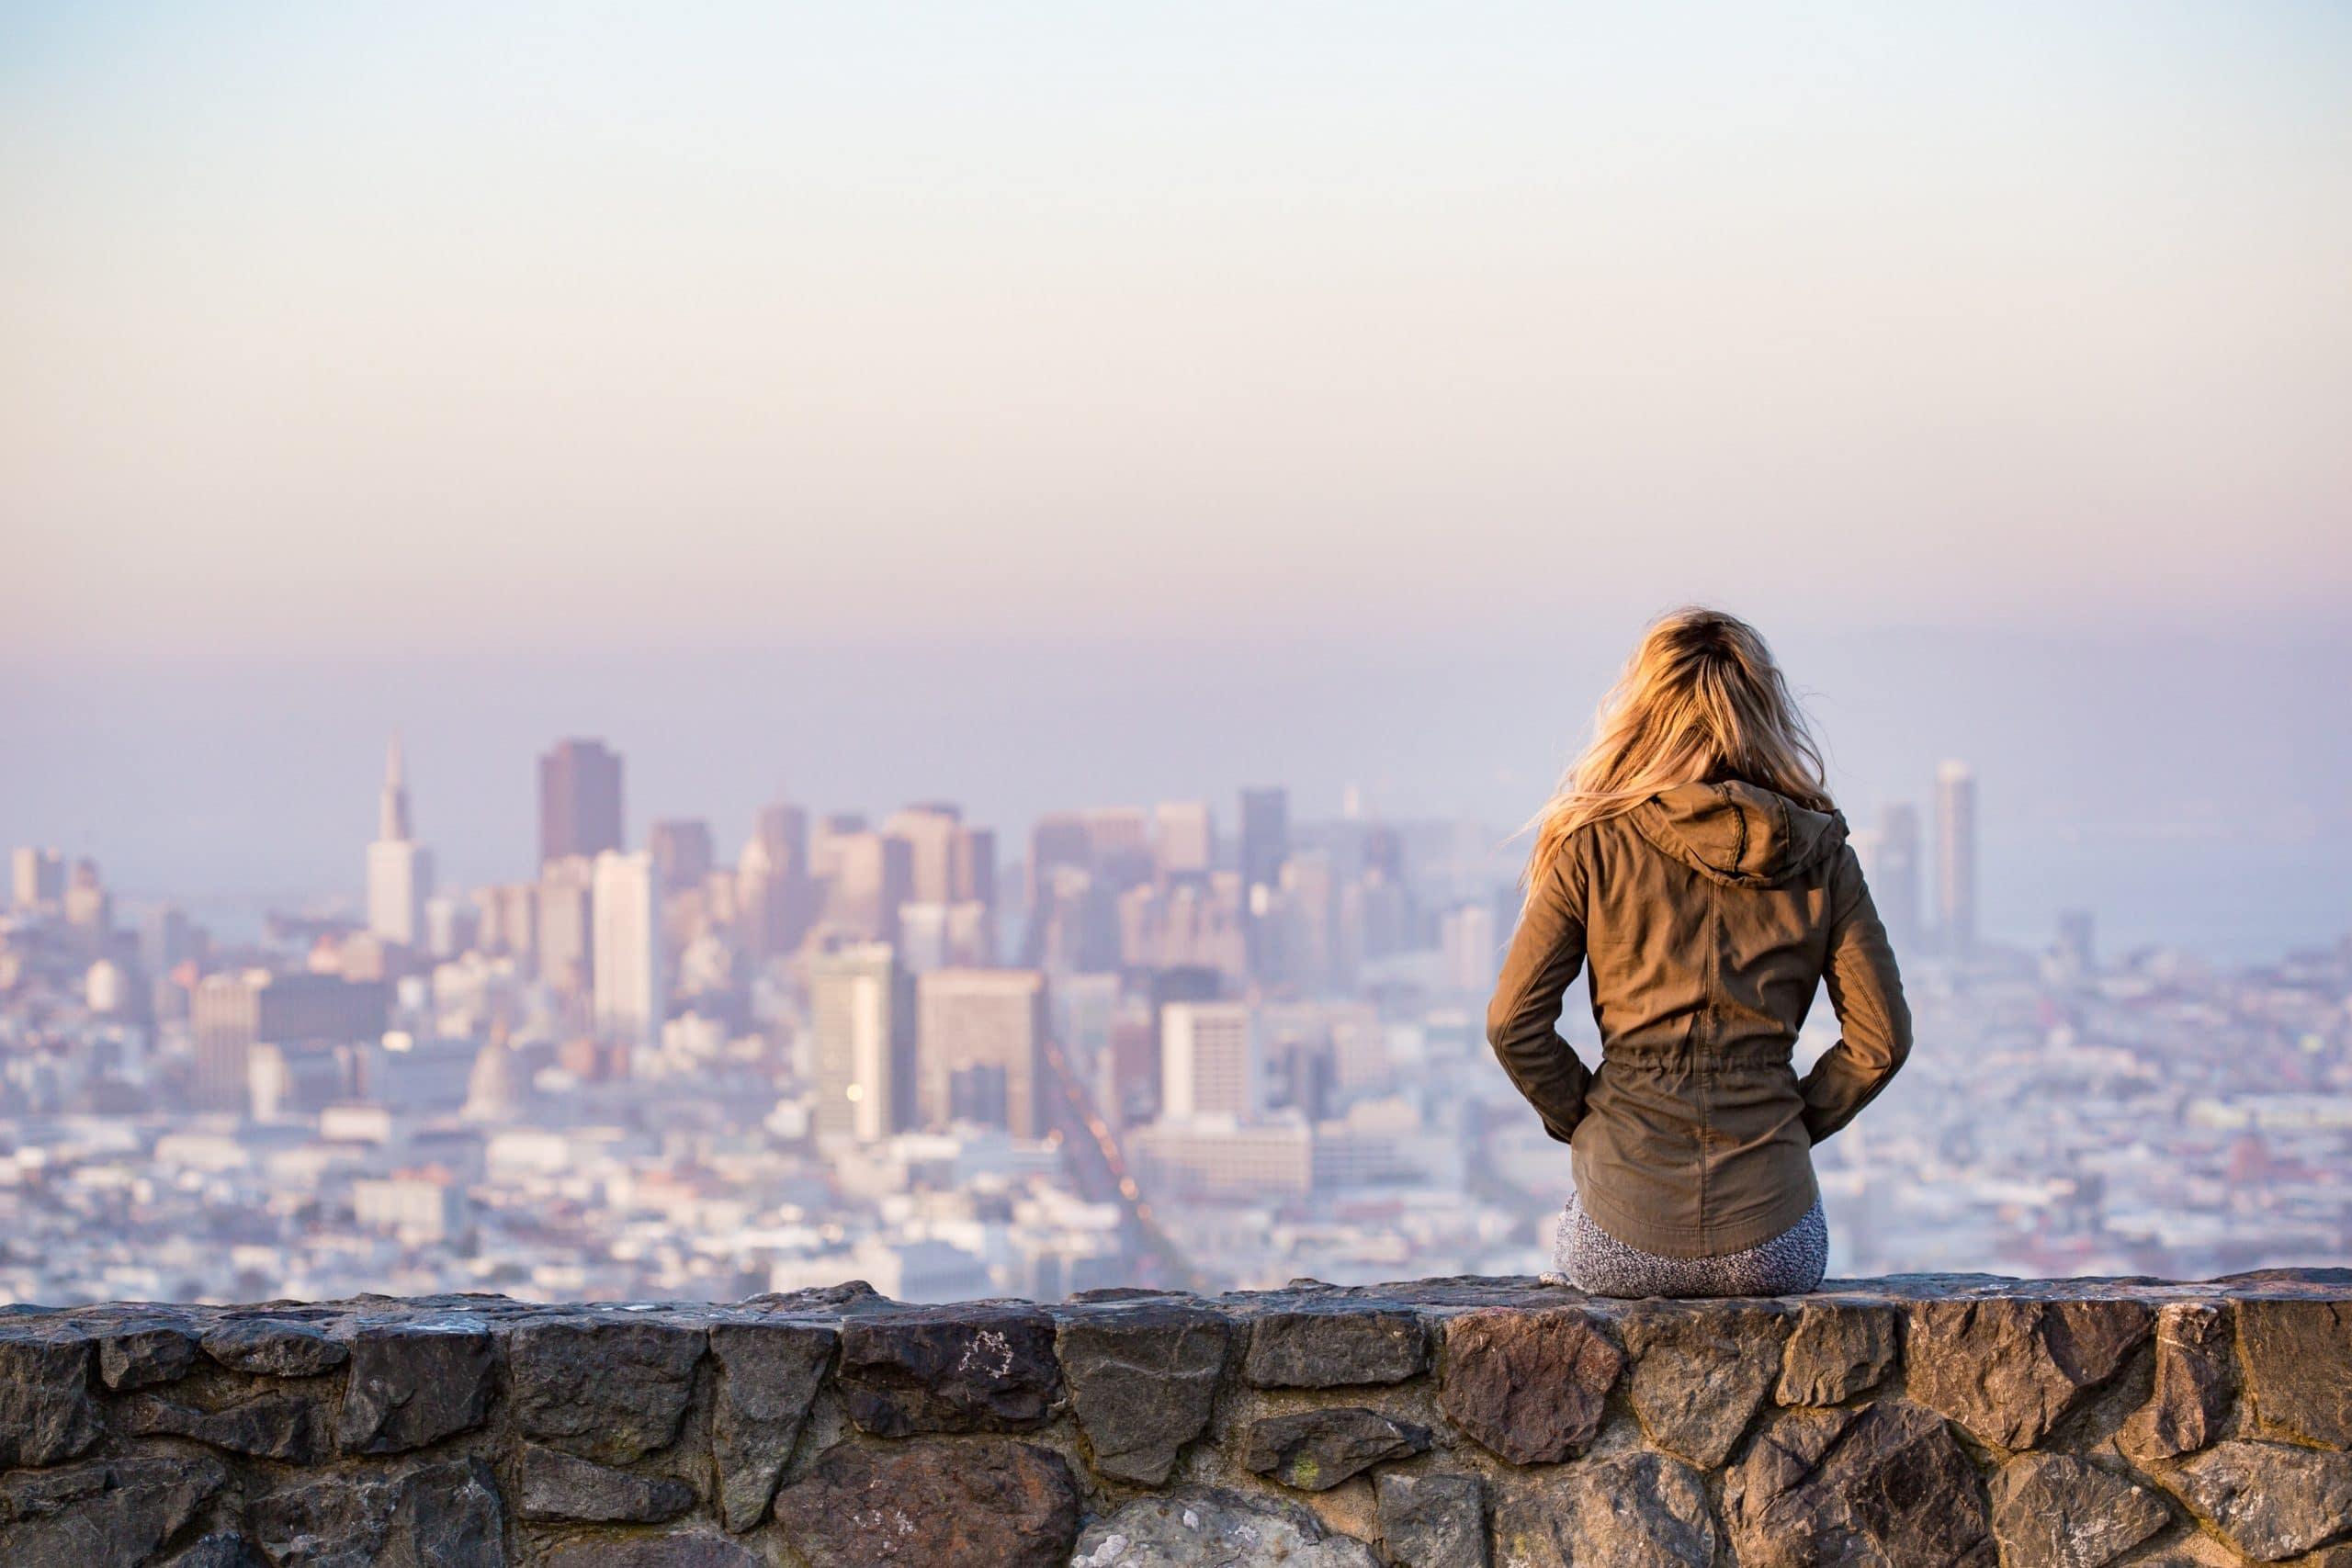 Mulher sentada sobre um muro, com roupas de frio, de costas, observando a cidade.